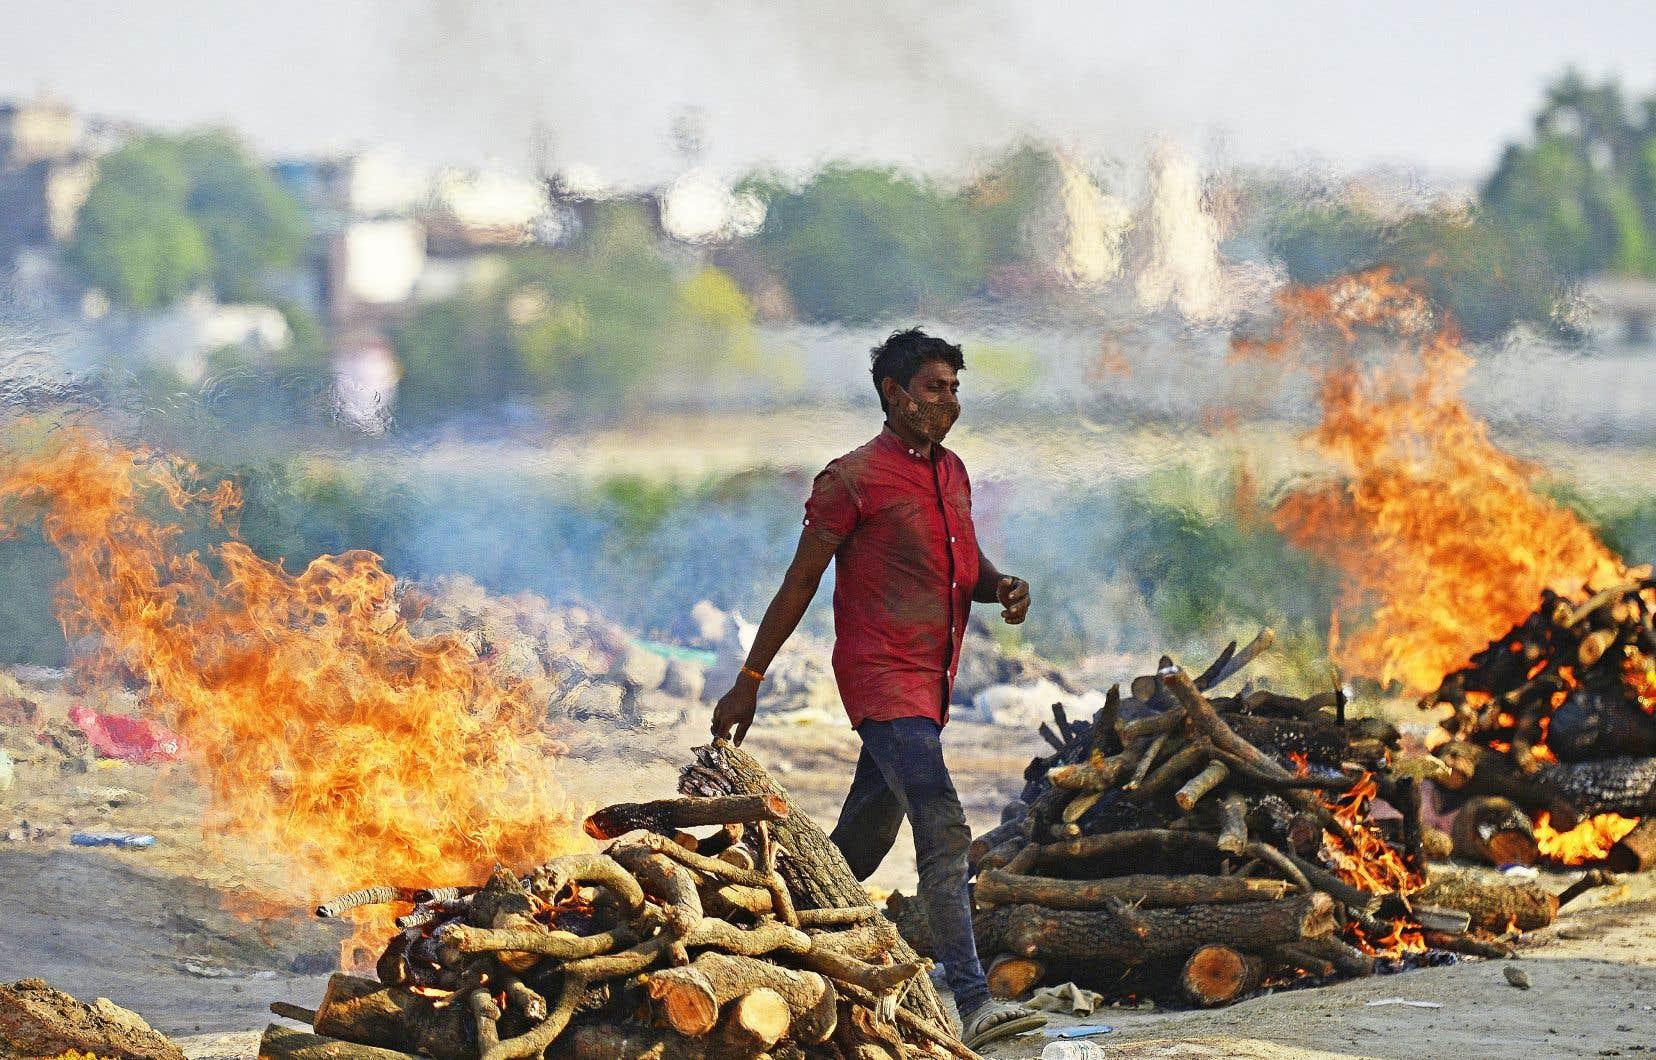 De nombreux crématoriums et cimetières en Inde affirment que le bilan officiel des décès dus au virus est loin de correspondre à la réalité, compte tenu de l'afflux de corps qu'ils voient défiler. Sur la photo, un crématorium à ciel ouvert, mardi à Prayagraj (anciennement Allahabad), dans le nord de l'Inde.